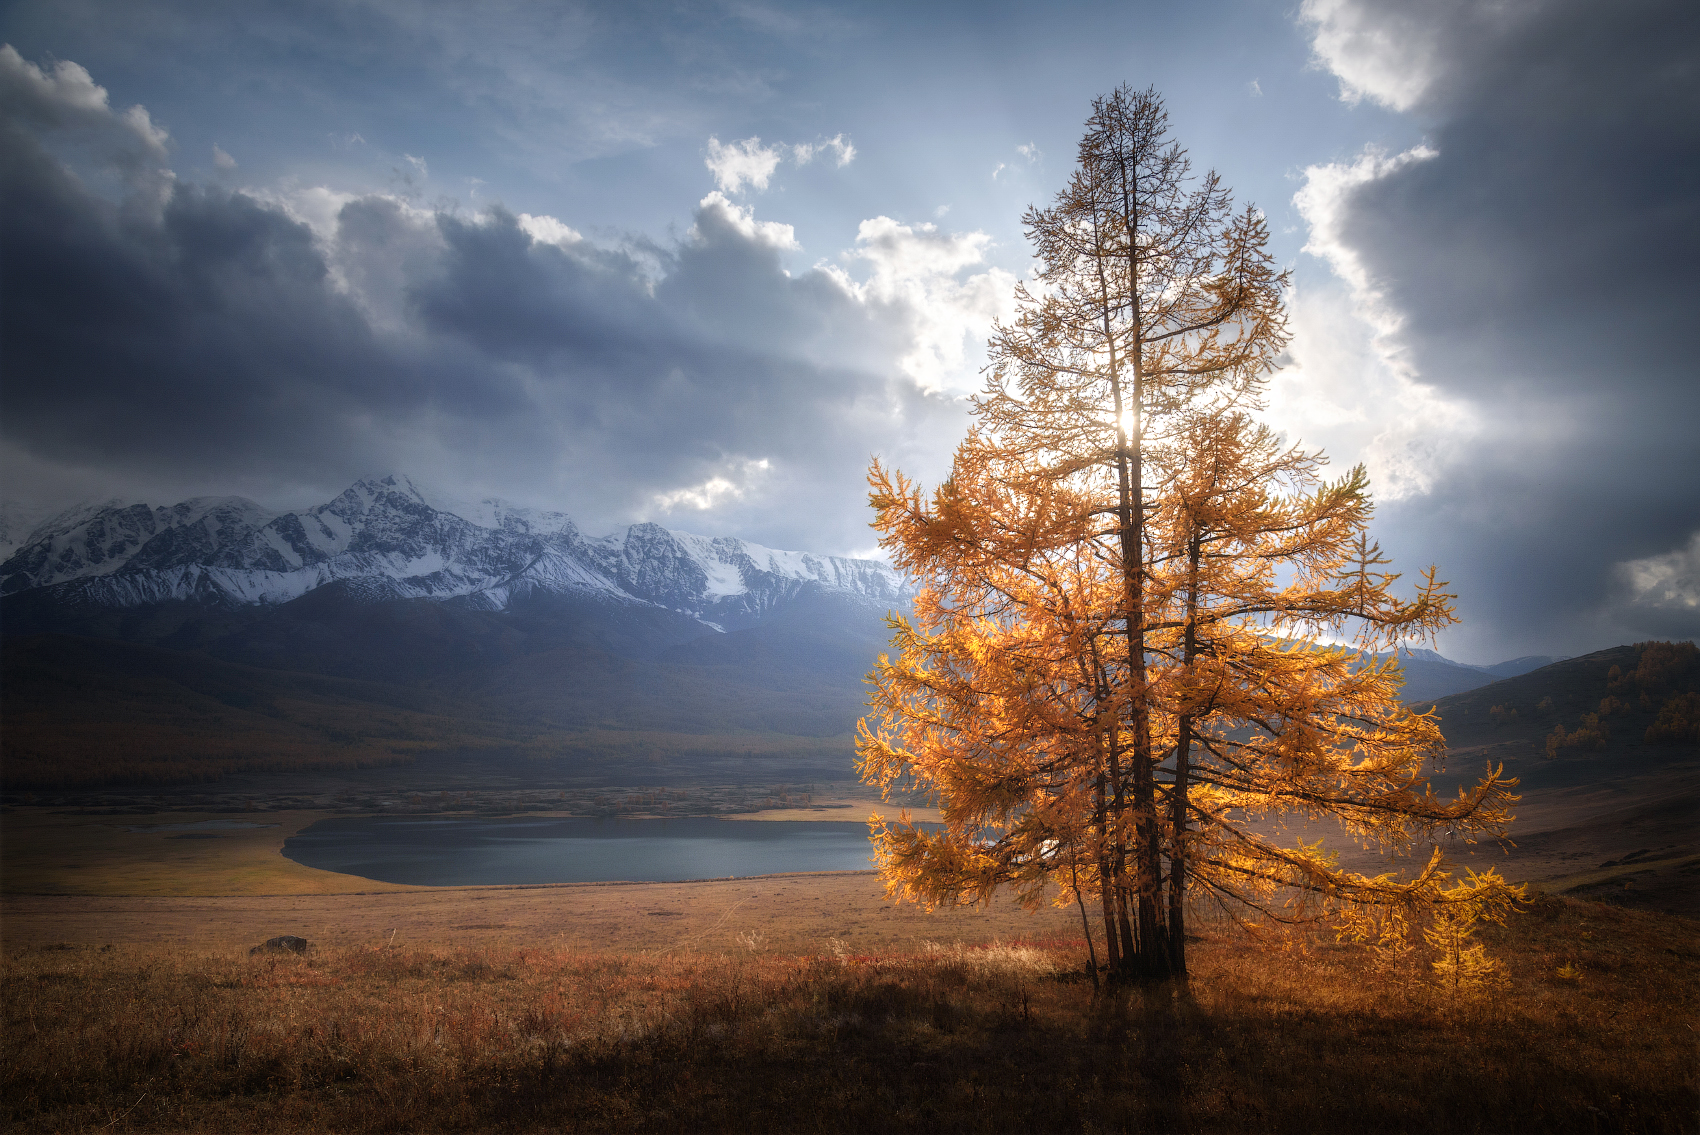 алтай, горный алтай, горы, курайская степь, урочище ештыкель, лиственницы, лиственница, золотая осень, гроза, сентябрь, altai mountains, Рубан Алена